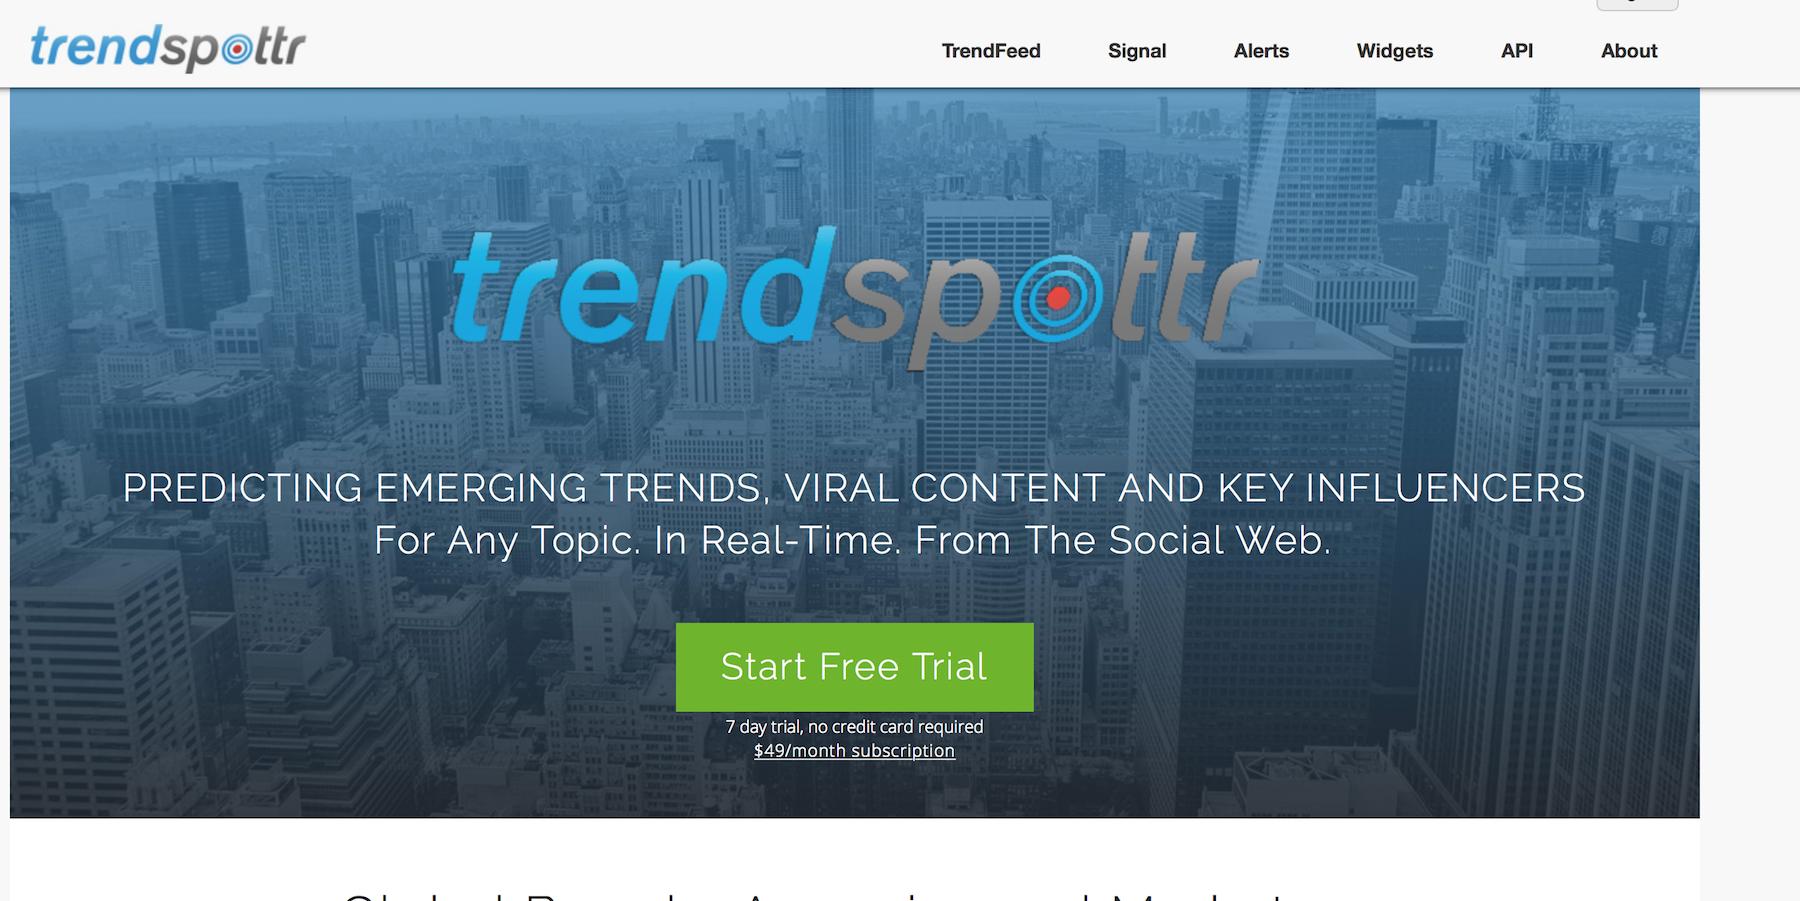 10 strumenti per monitorare temi attuali: Trendspottr